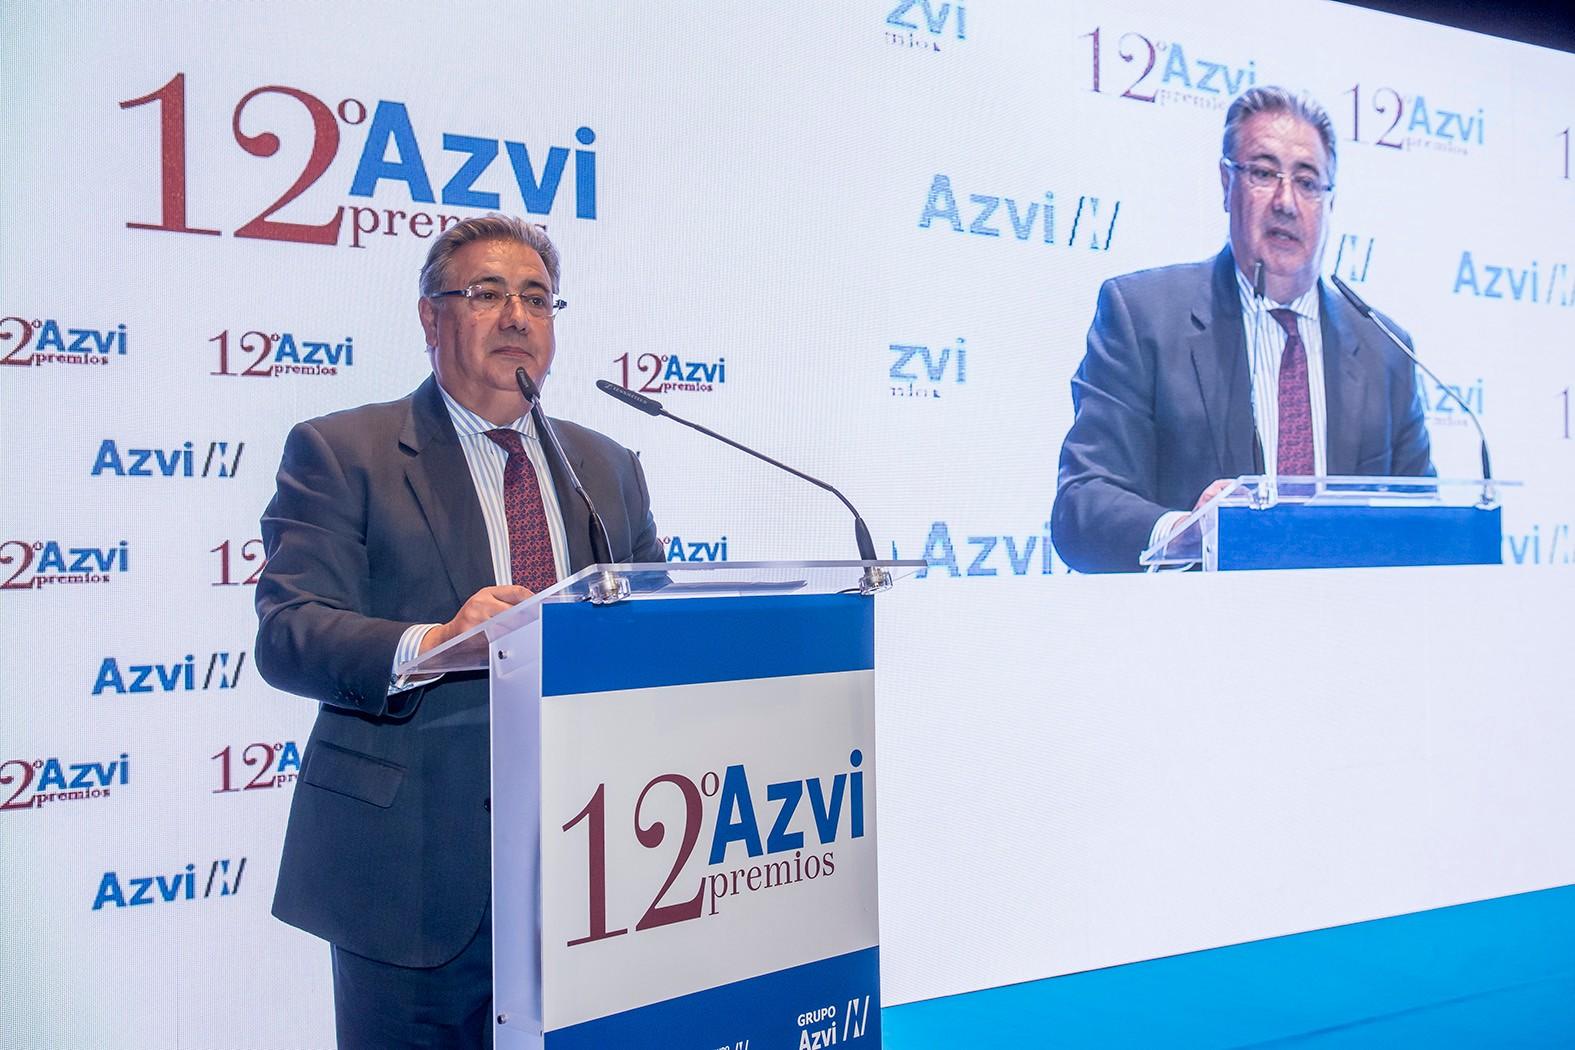 12 premios Azvi 133